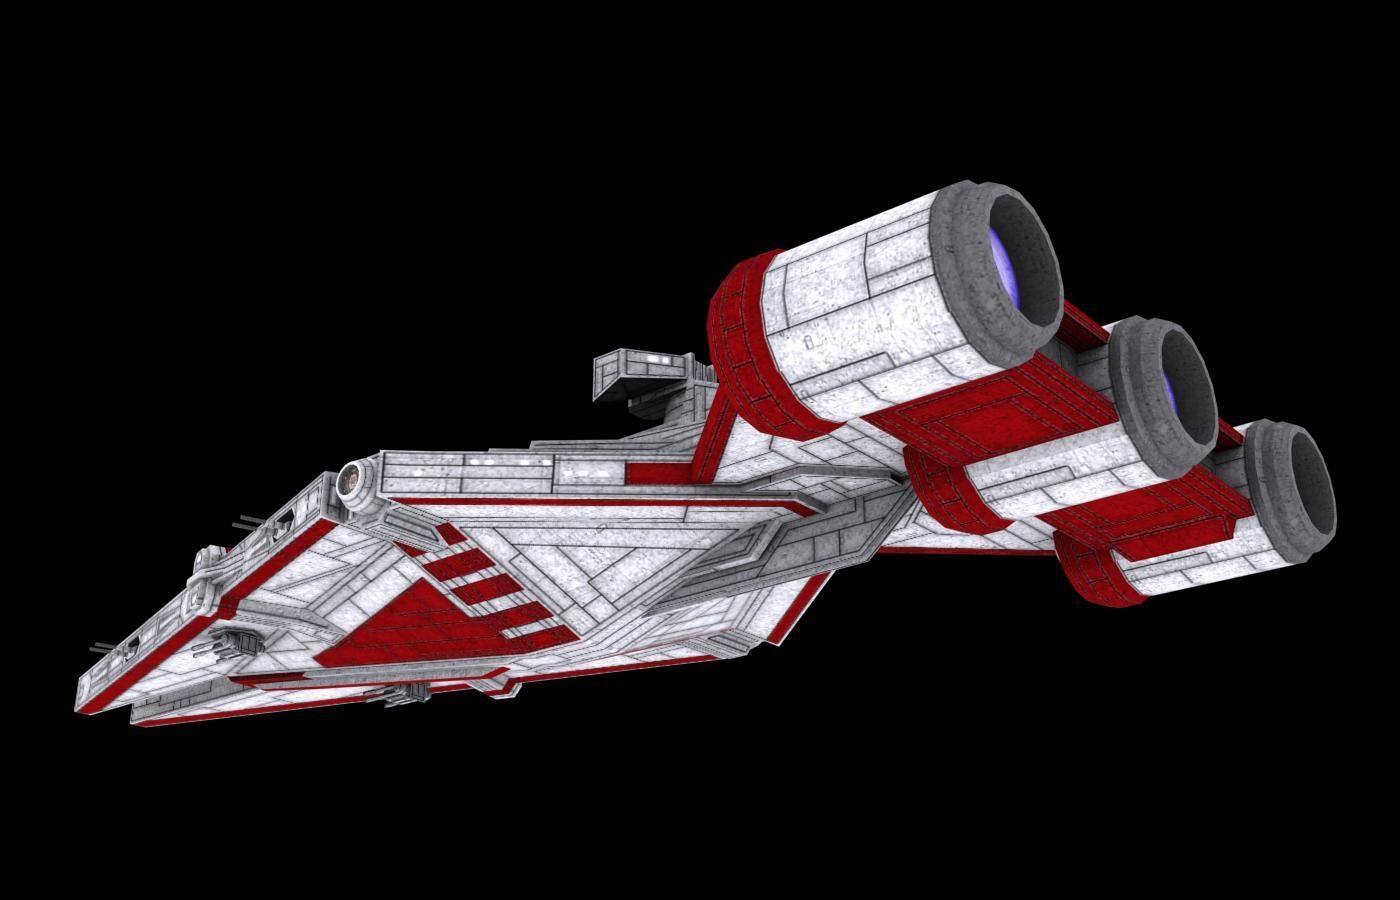 Arquitens Class Light Cruiser Image Tides Of War The Clone Wars